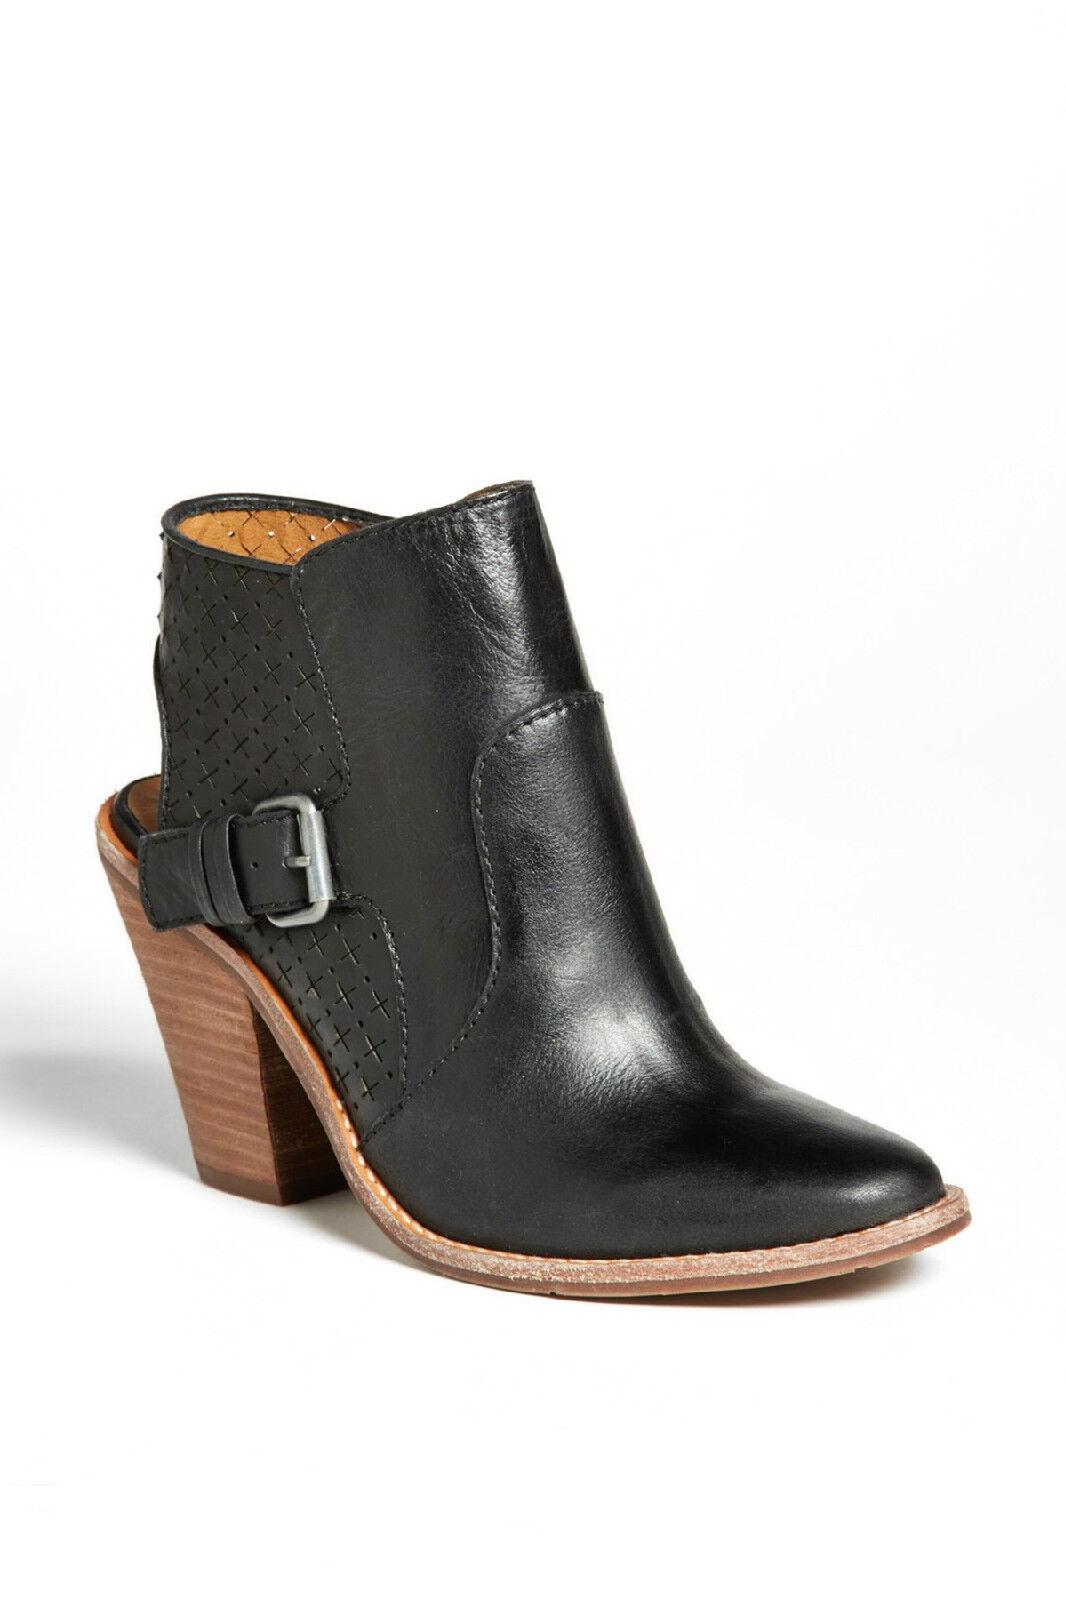 negozio di moda in vendita DV Dolce Vita Calin nero Leather Open Back Ankle stivali stivali stivali avvioies Heels Sz 10 NEW  sconto online